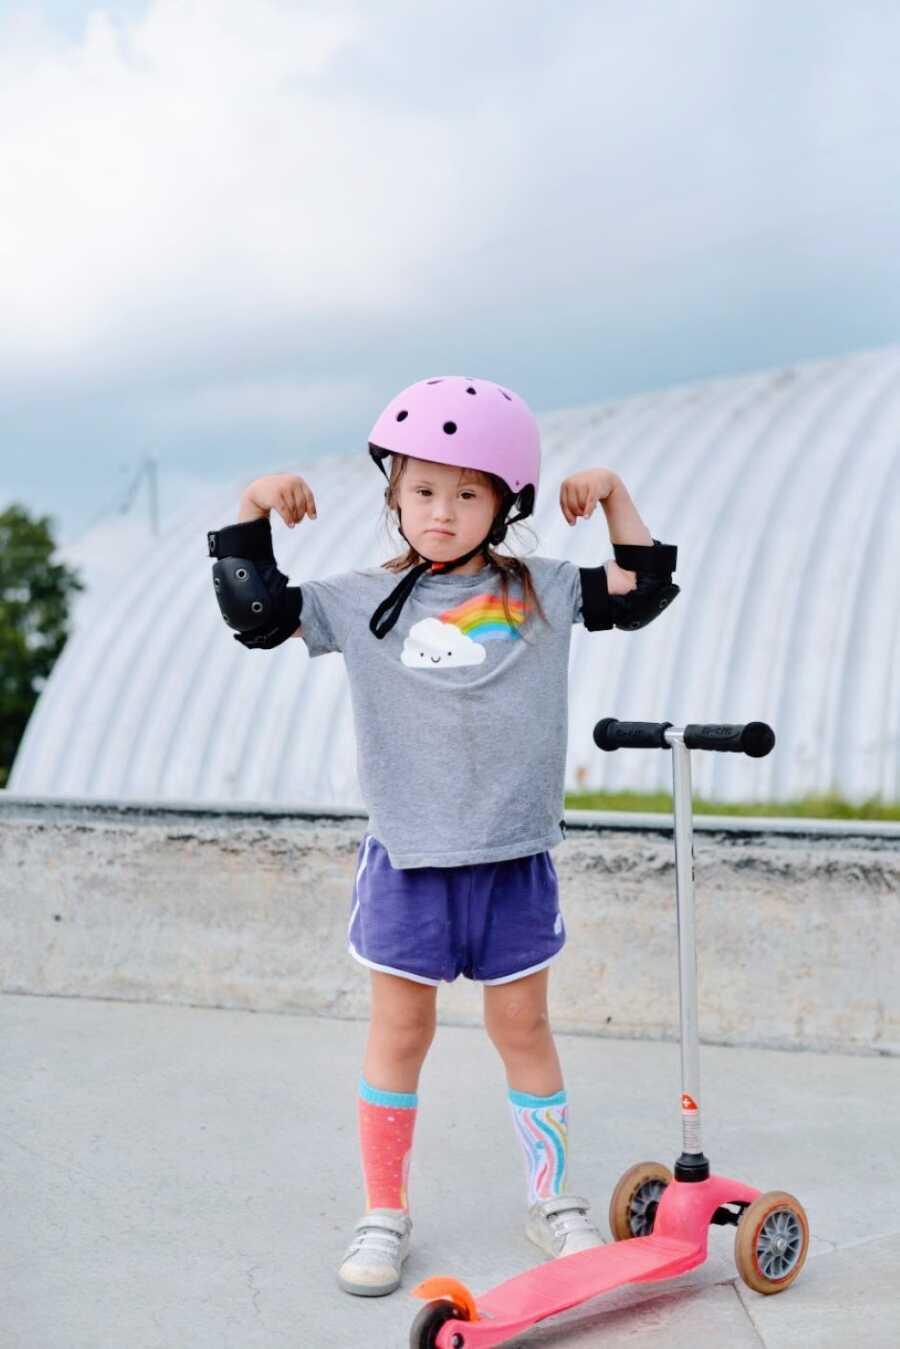 患有唐氏综合症的小女孩戴着头盔和护垫,在摩托车上展示了自己的决心和肌肉